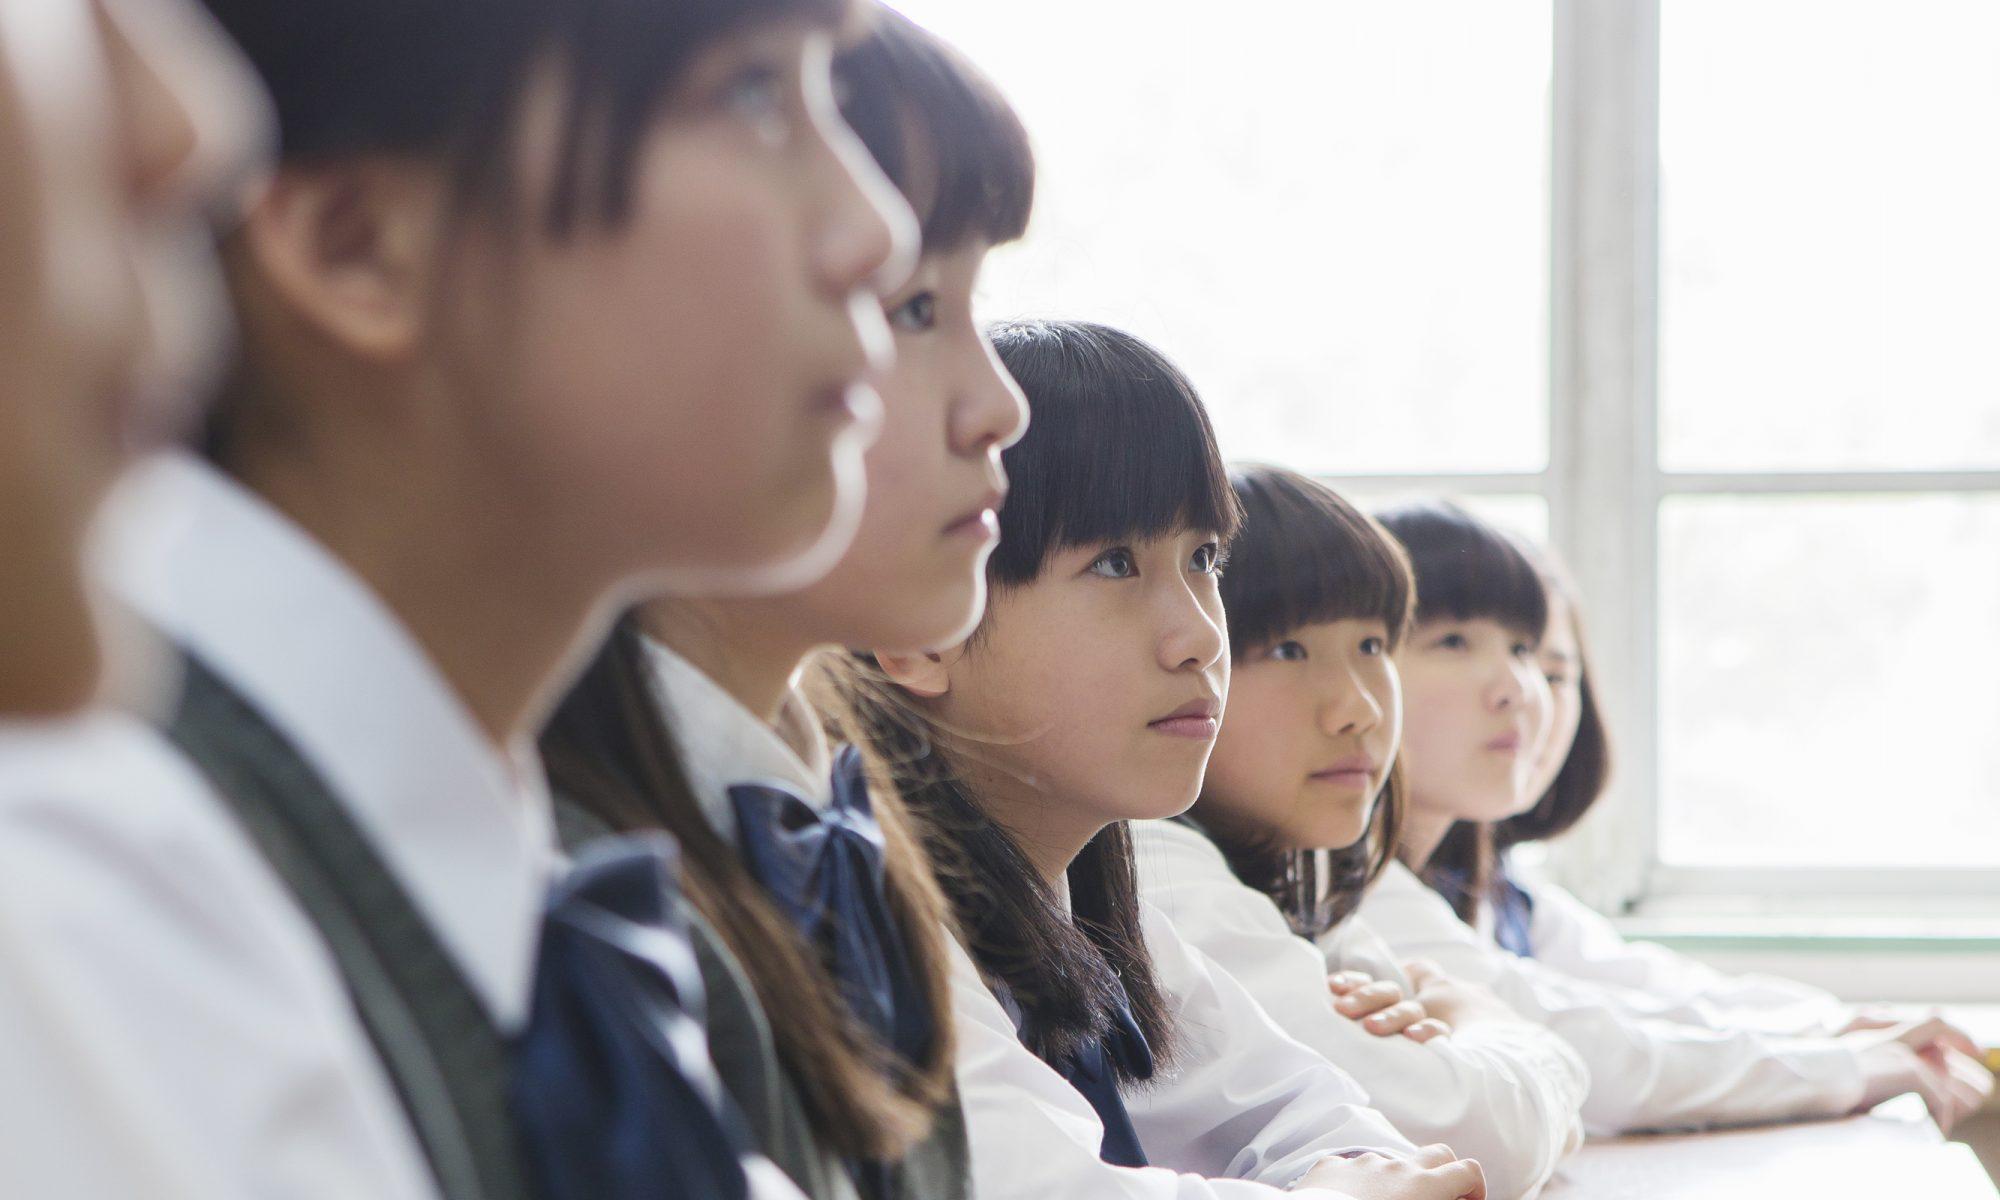 立志館進学教室 桂坂校・高の原校 教室ブログ